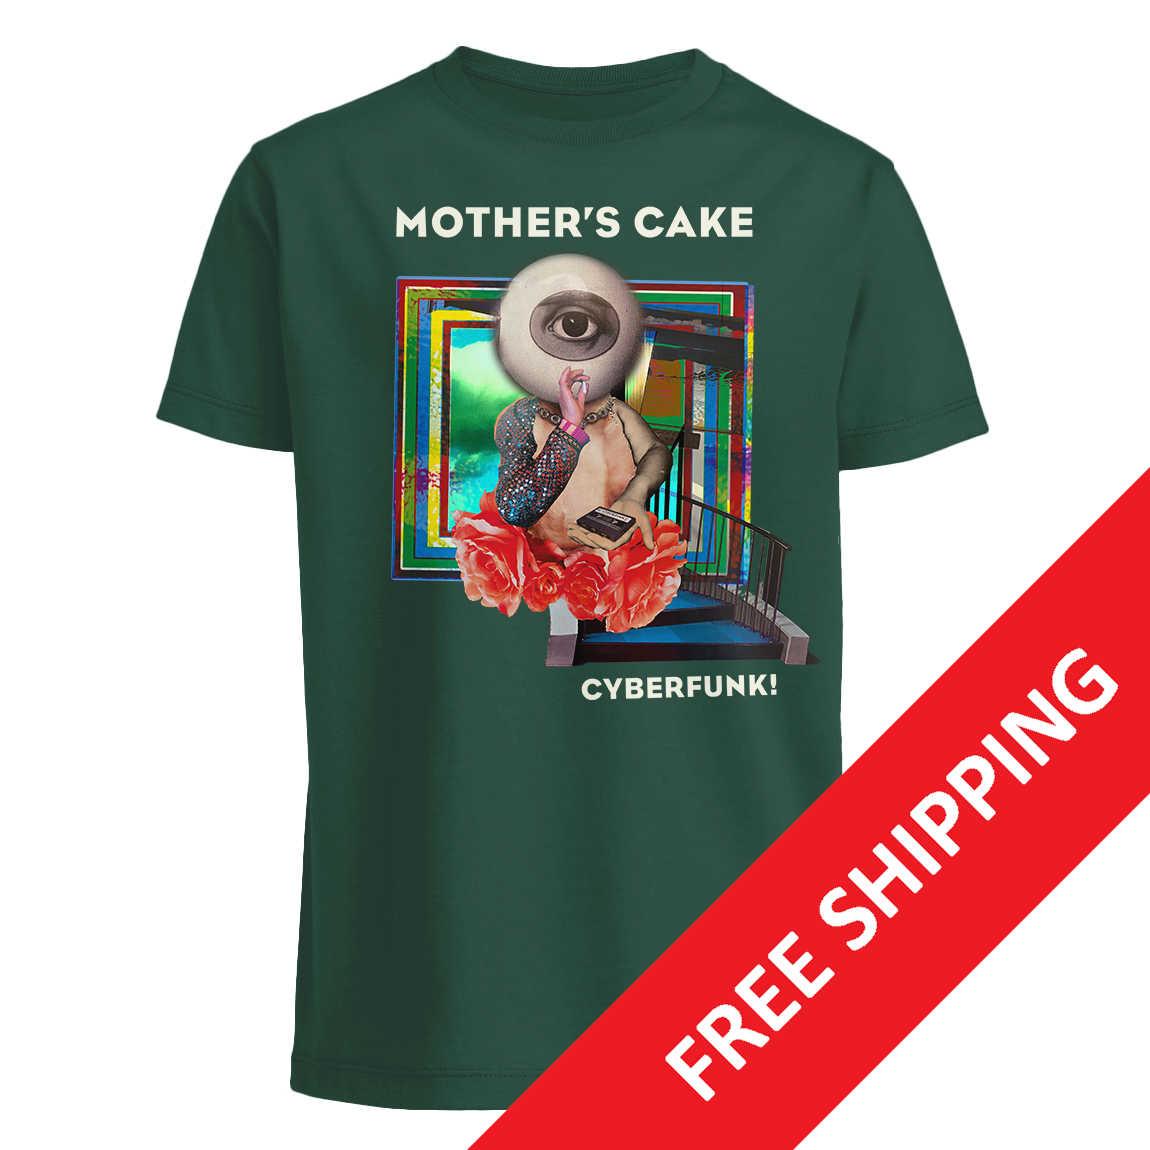 cyberfunk_mockup_NEU_freeshipping